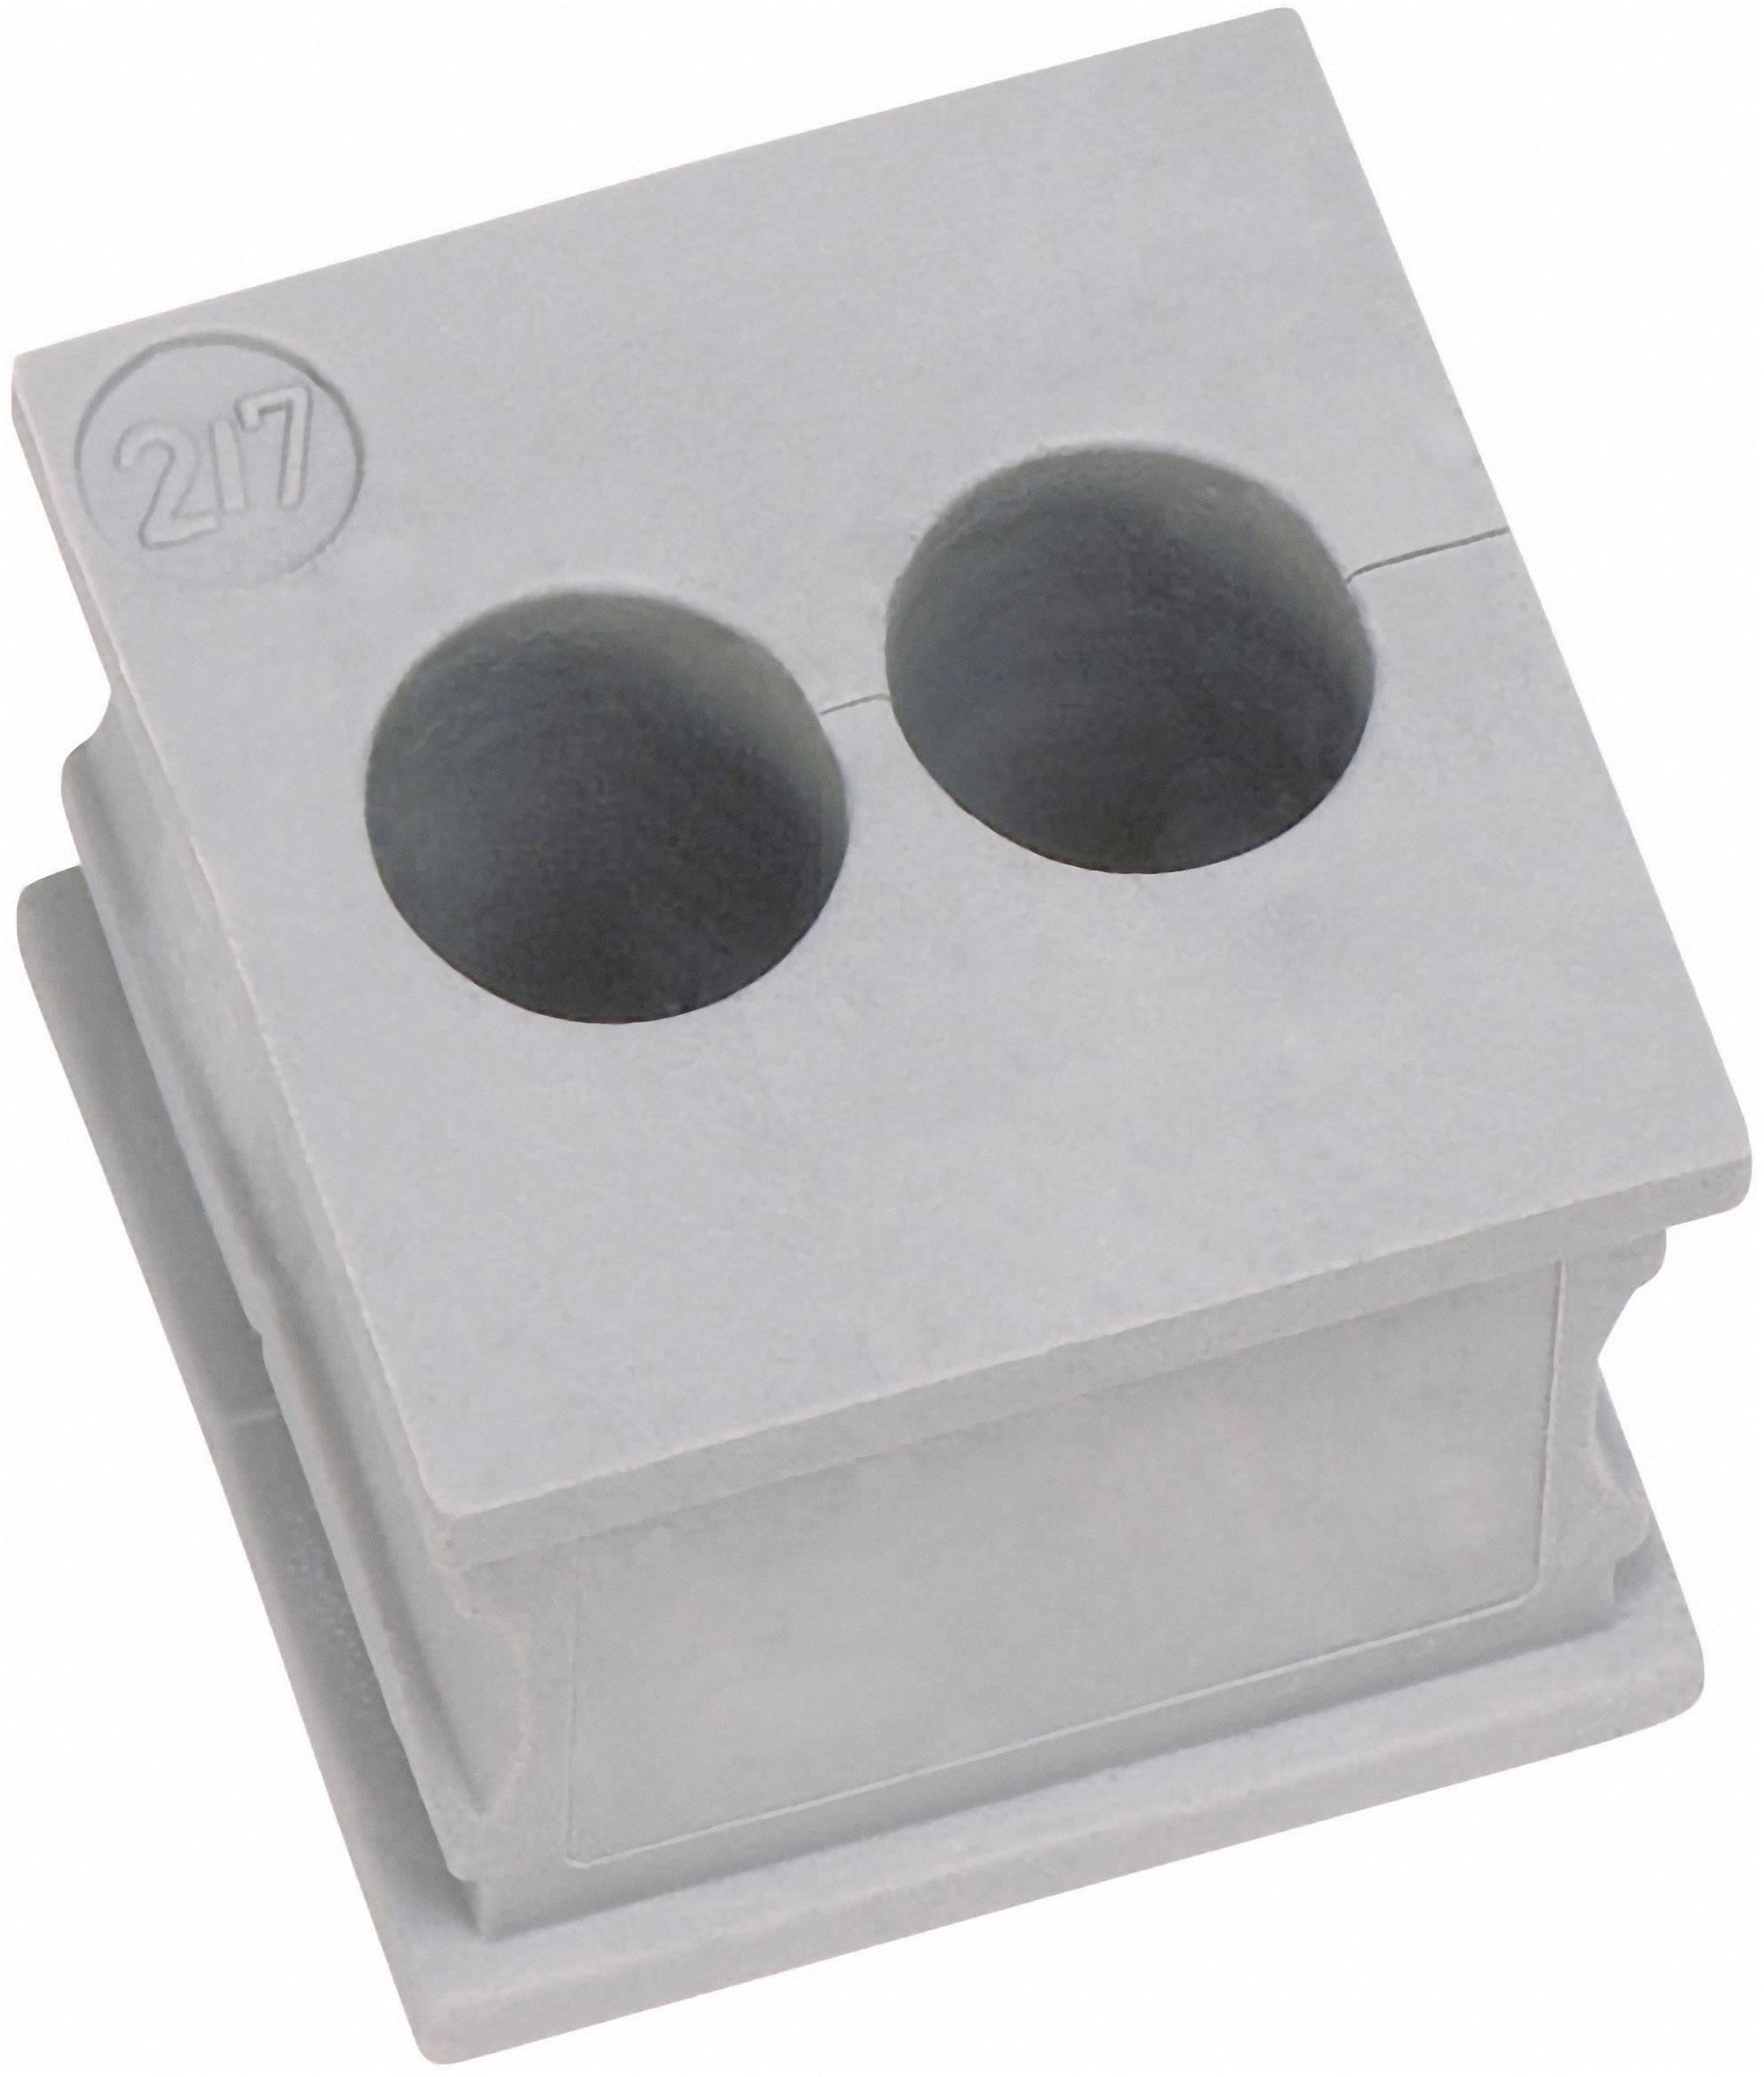 Icotek Kabelska kapa KT majhna, KT 2/3 za kabel- 2 x 3 mm, elastomer, siva